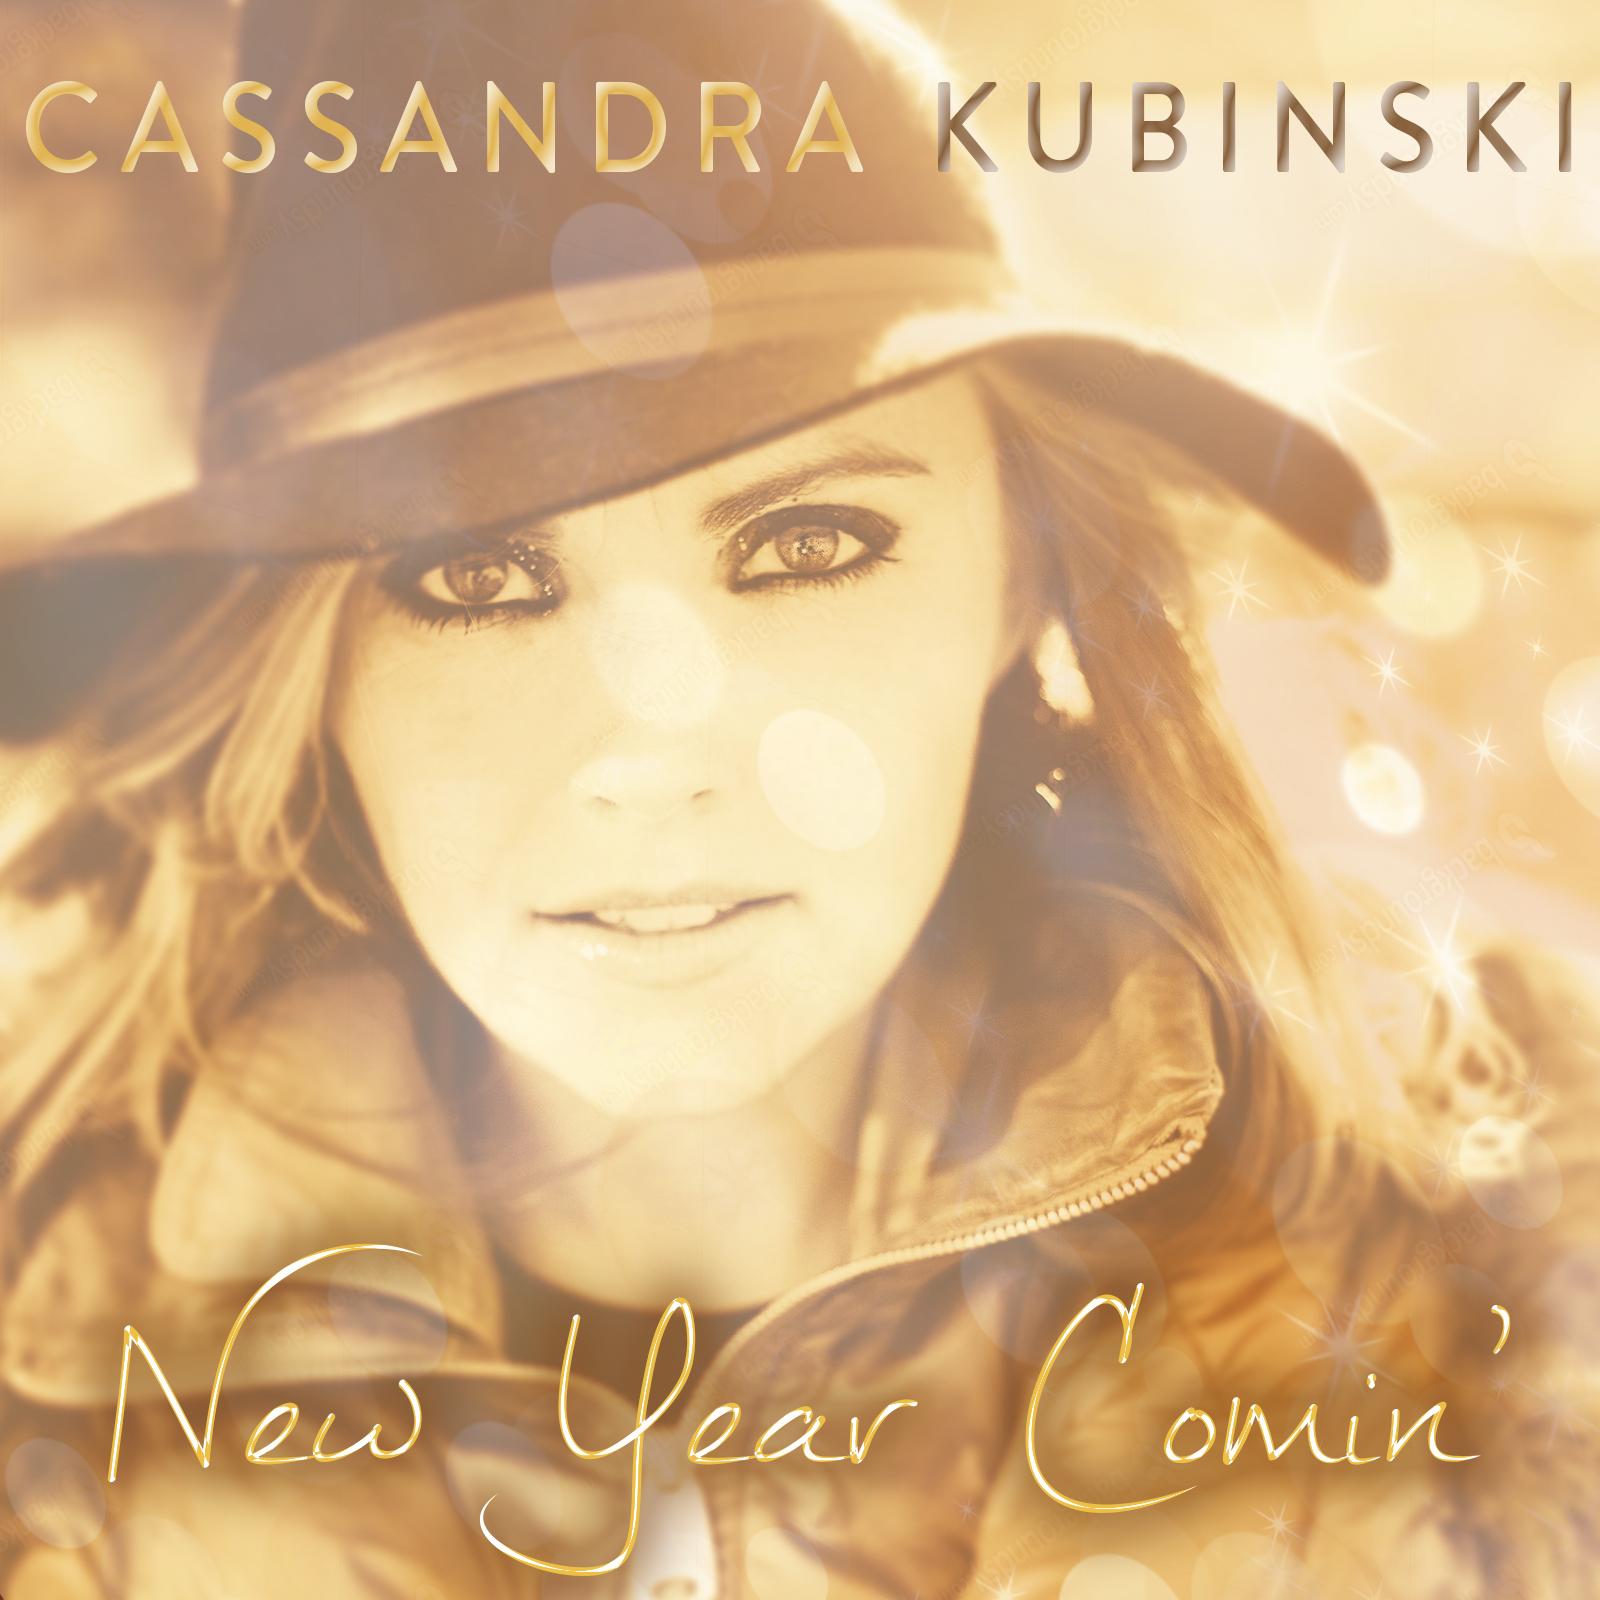 New Year Comin' by Cassandra Kubinski